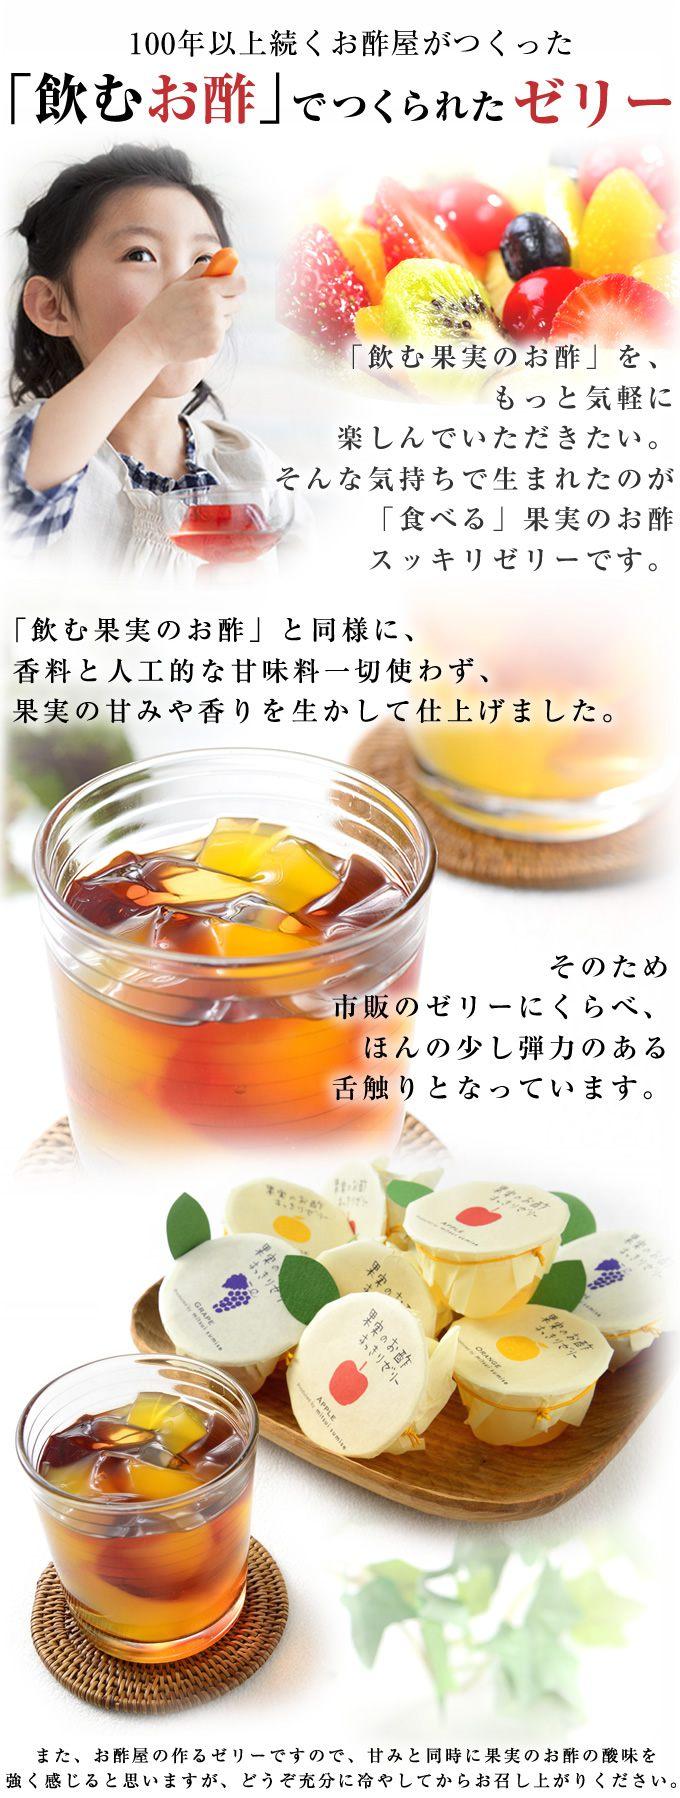 100年以上続くお酢屋がつくった「飲むお酢」で つくられたゼリー「飲む果実のお酢」を、 もっと気軽に楽しんでいただきたい。そんな気持ちで生まれたのが「食べる」果実のお酢スッキリゼリーです。「飲む果実のお酢」と同様に、 香料と人工的な甘味料一切使わず、 果実の甘みや香りを生かして仕上げました。そのため市販のゼリーにくらべ、ほんの少し弾力のある舌触りとなっています。また、お酢屋の作るゼリーですので、甘みと同時に果実のお酢の酸味を強く感じると思いますが、どうぞ充分に冷やしてからお召し上がりください。